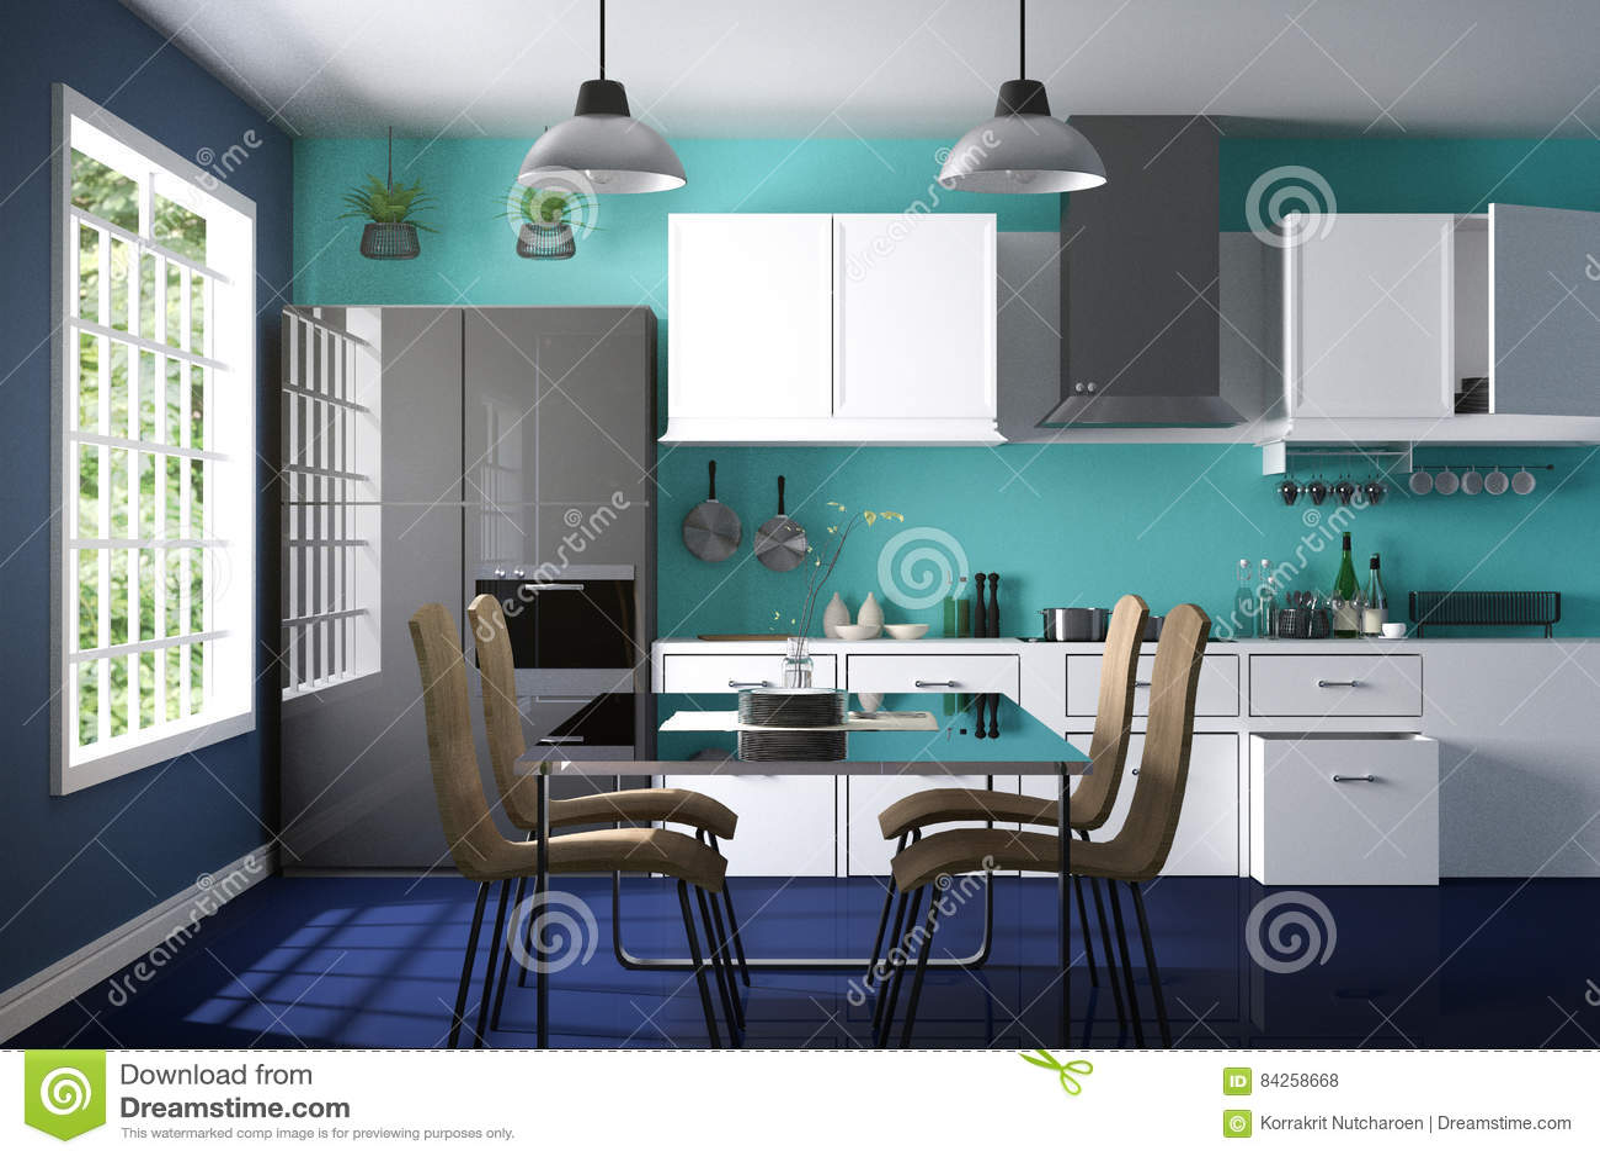 3D Rendering : Illustration Of Modern Color Interior Kitchen Room ...